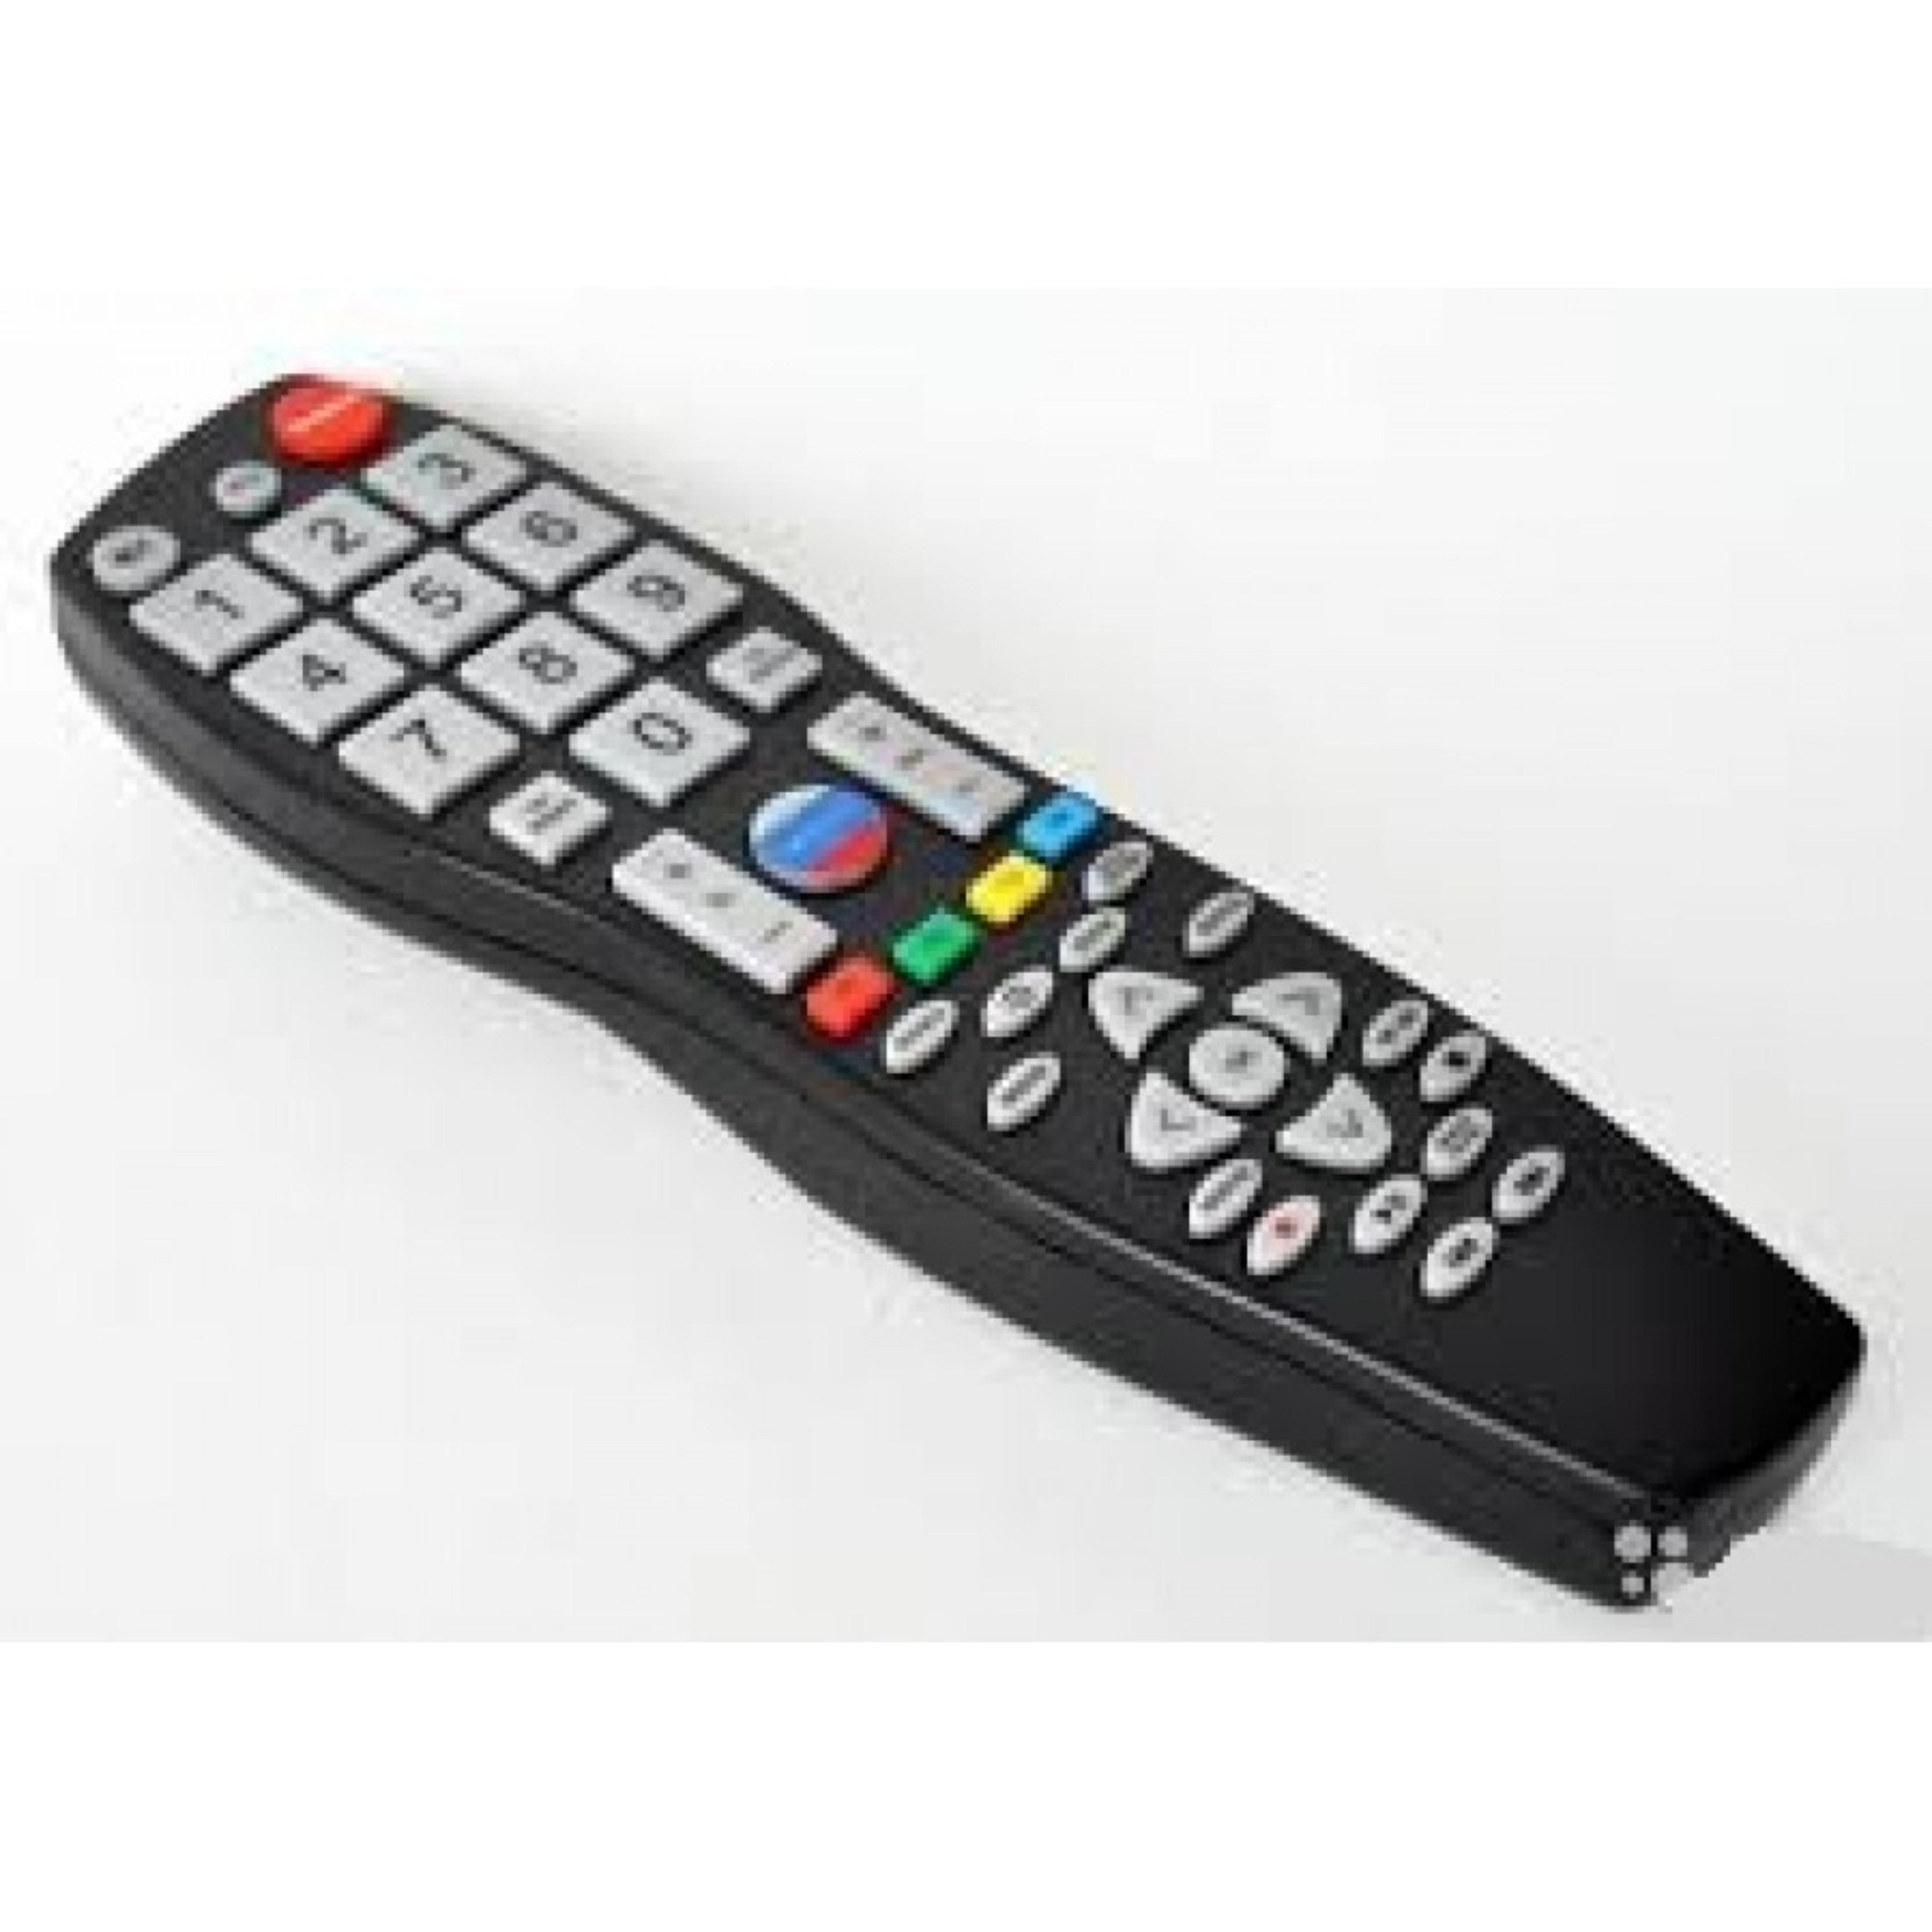 Пульт дистанционного управления с большими кнопками для Триколор ТВ